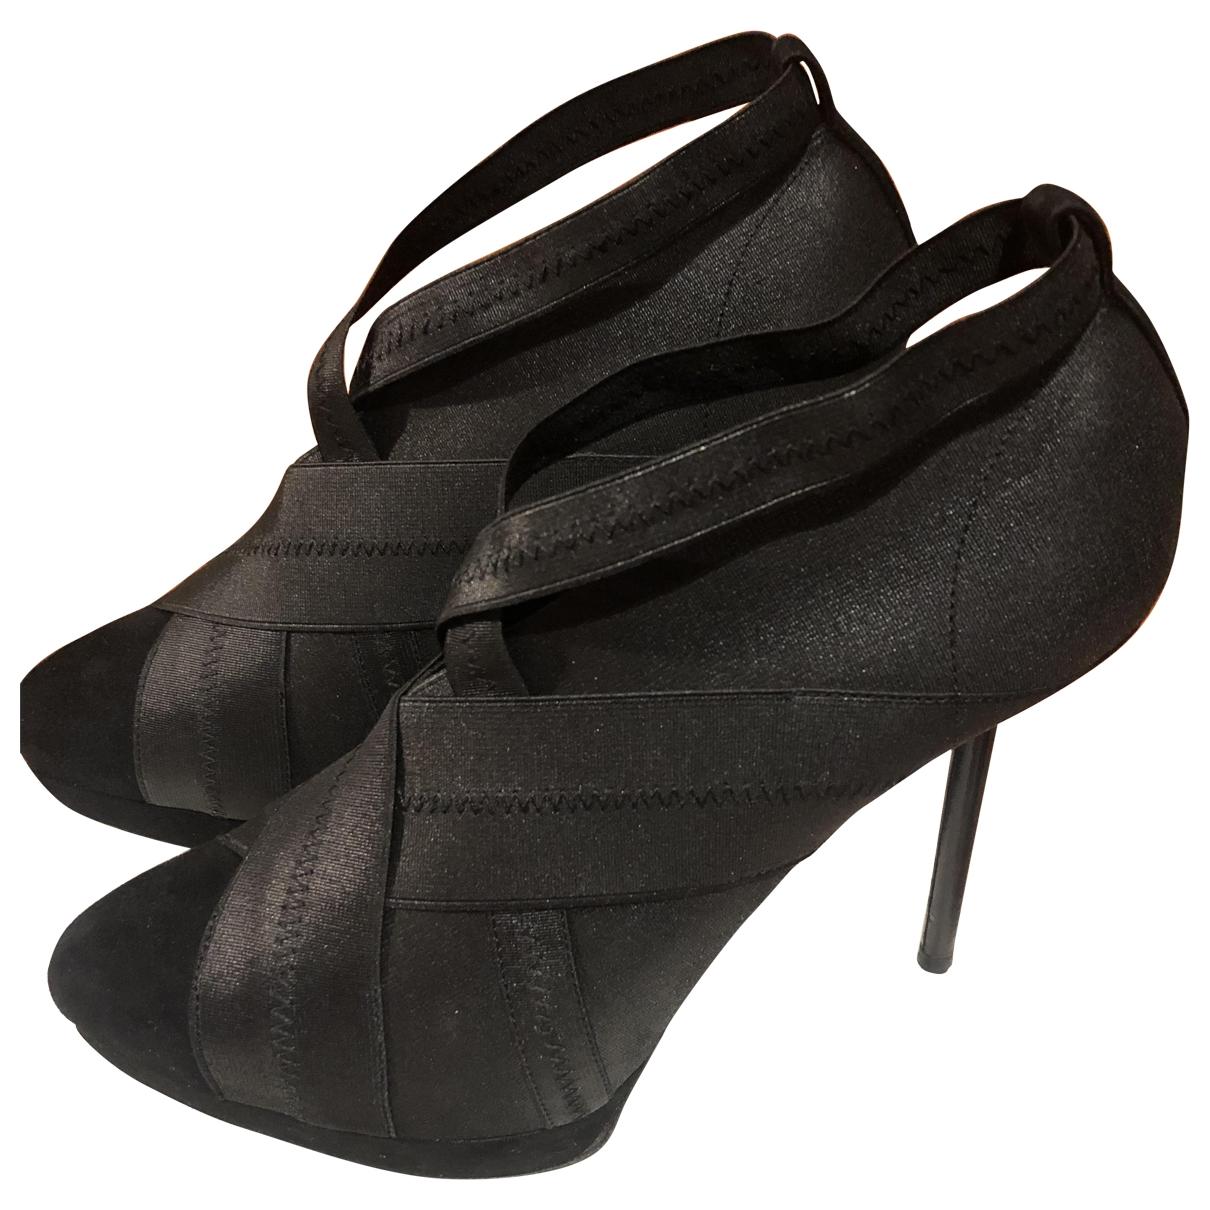 Yves Saint Laurent - Boots   pour femme en toile - noir